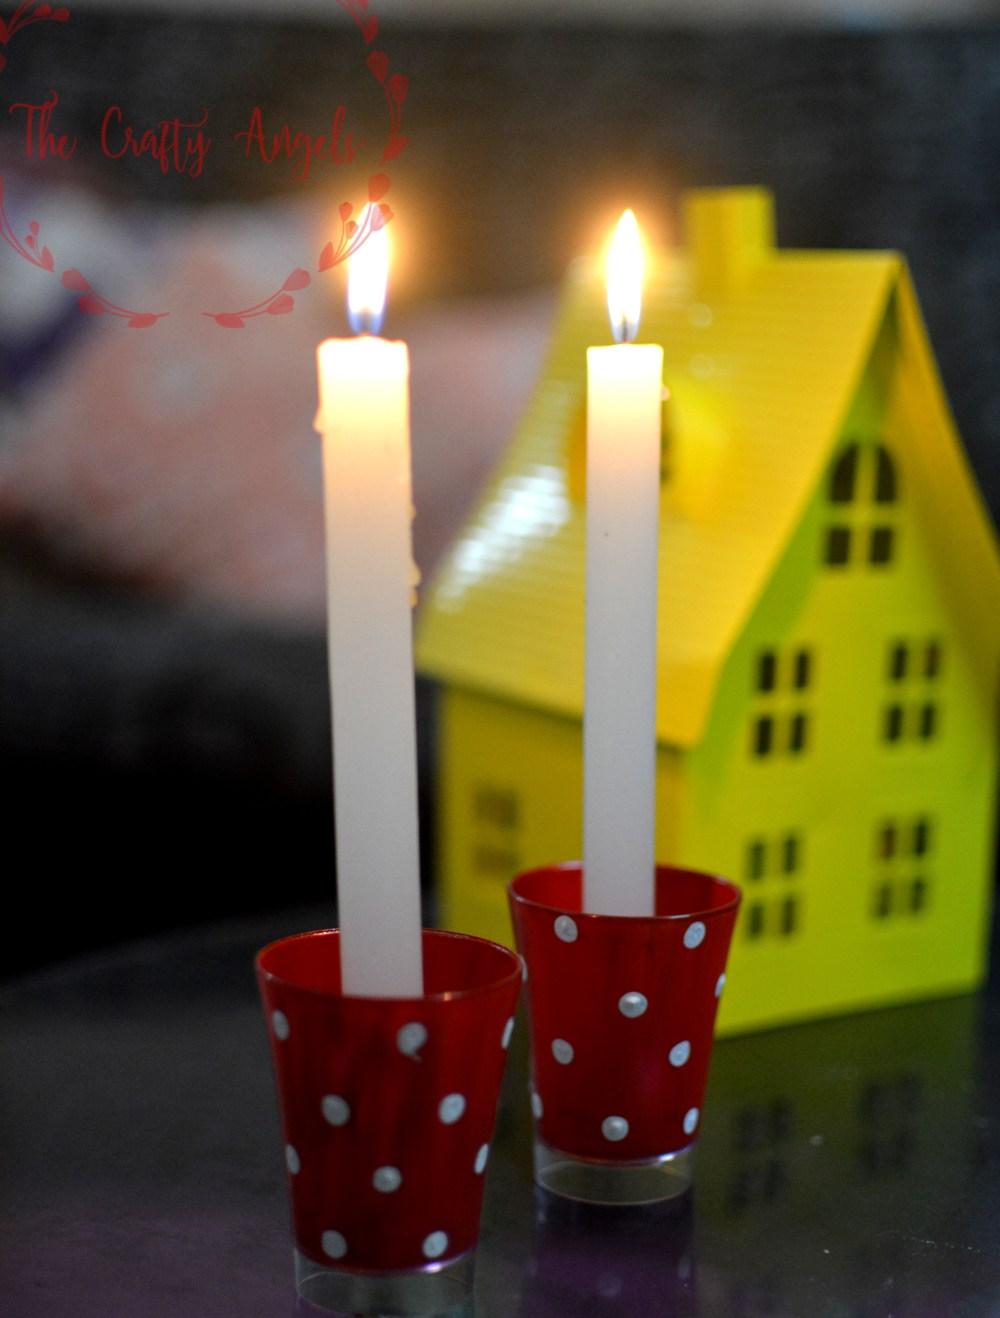 DIY Призрачный держатель для свечей, идеи свечей пришествия, декор свечи пришествия , рождественский свечной держатель, переработанный стеклянный стакан, стеклянный стакан, держатель свечи, декор свечи для свечи, идеи свечи пришествия, идея венок для приключений, рождественский декор, свеча, кулон свечи, свеча для рождества, рождественское вдохновение, рождественский дий, данные-Recalc затемняется